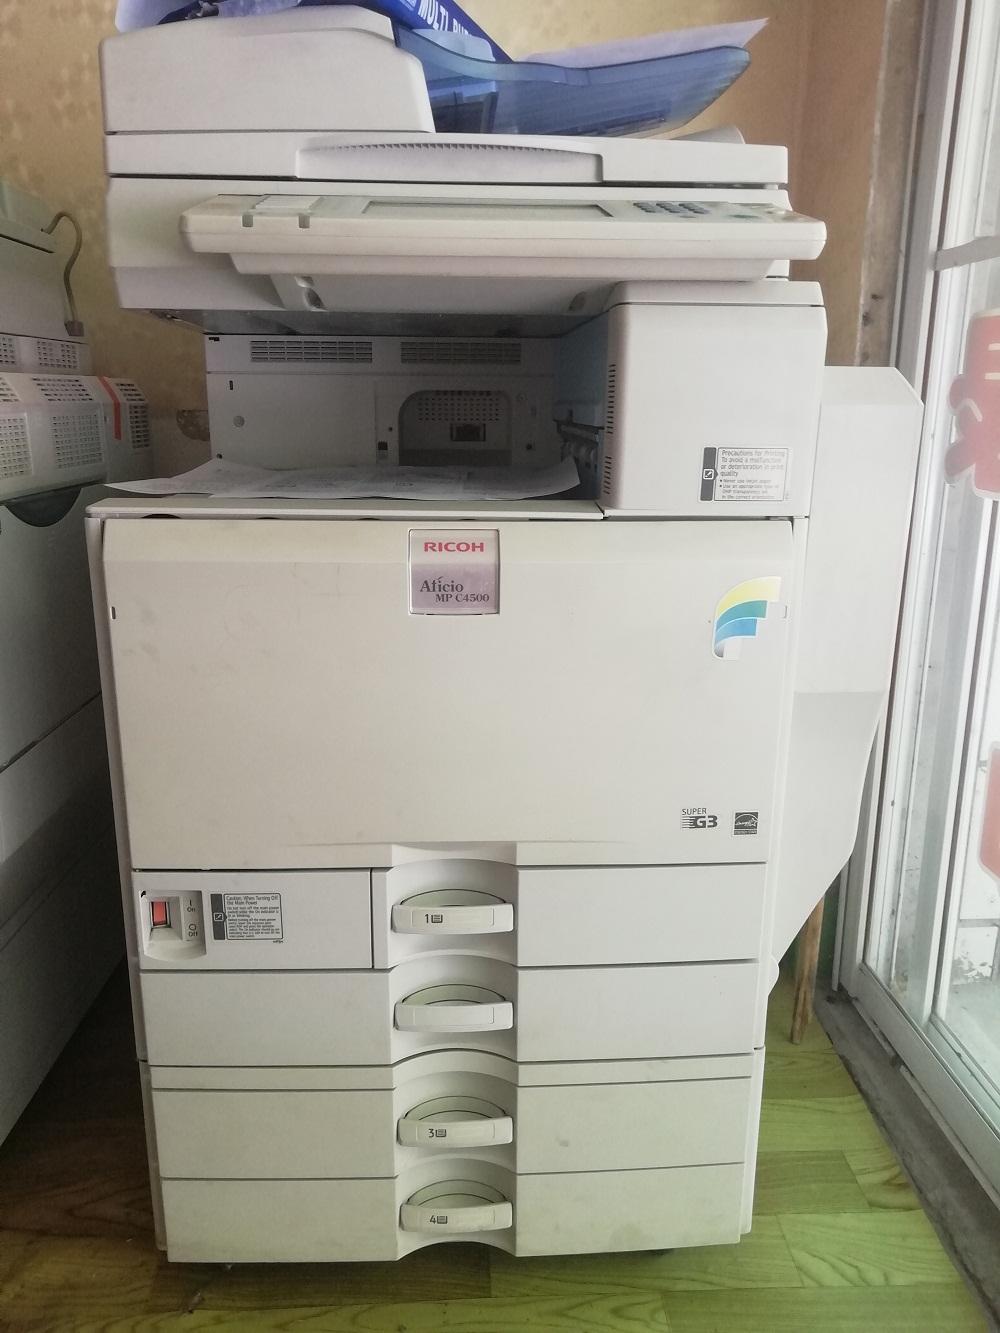 复印机要找专业的维修人员